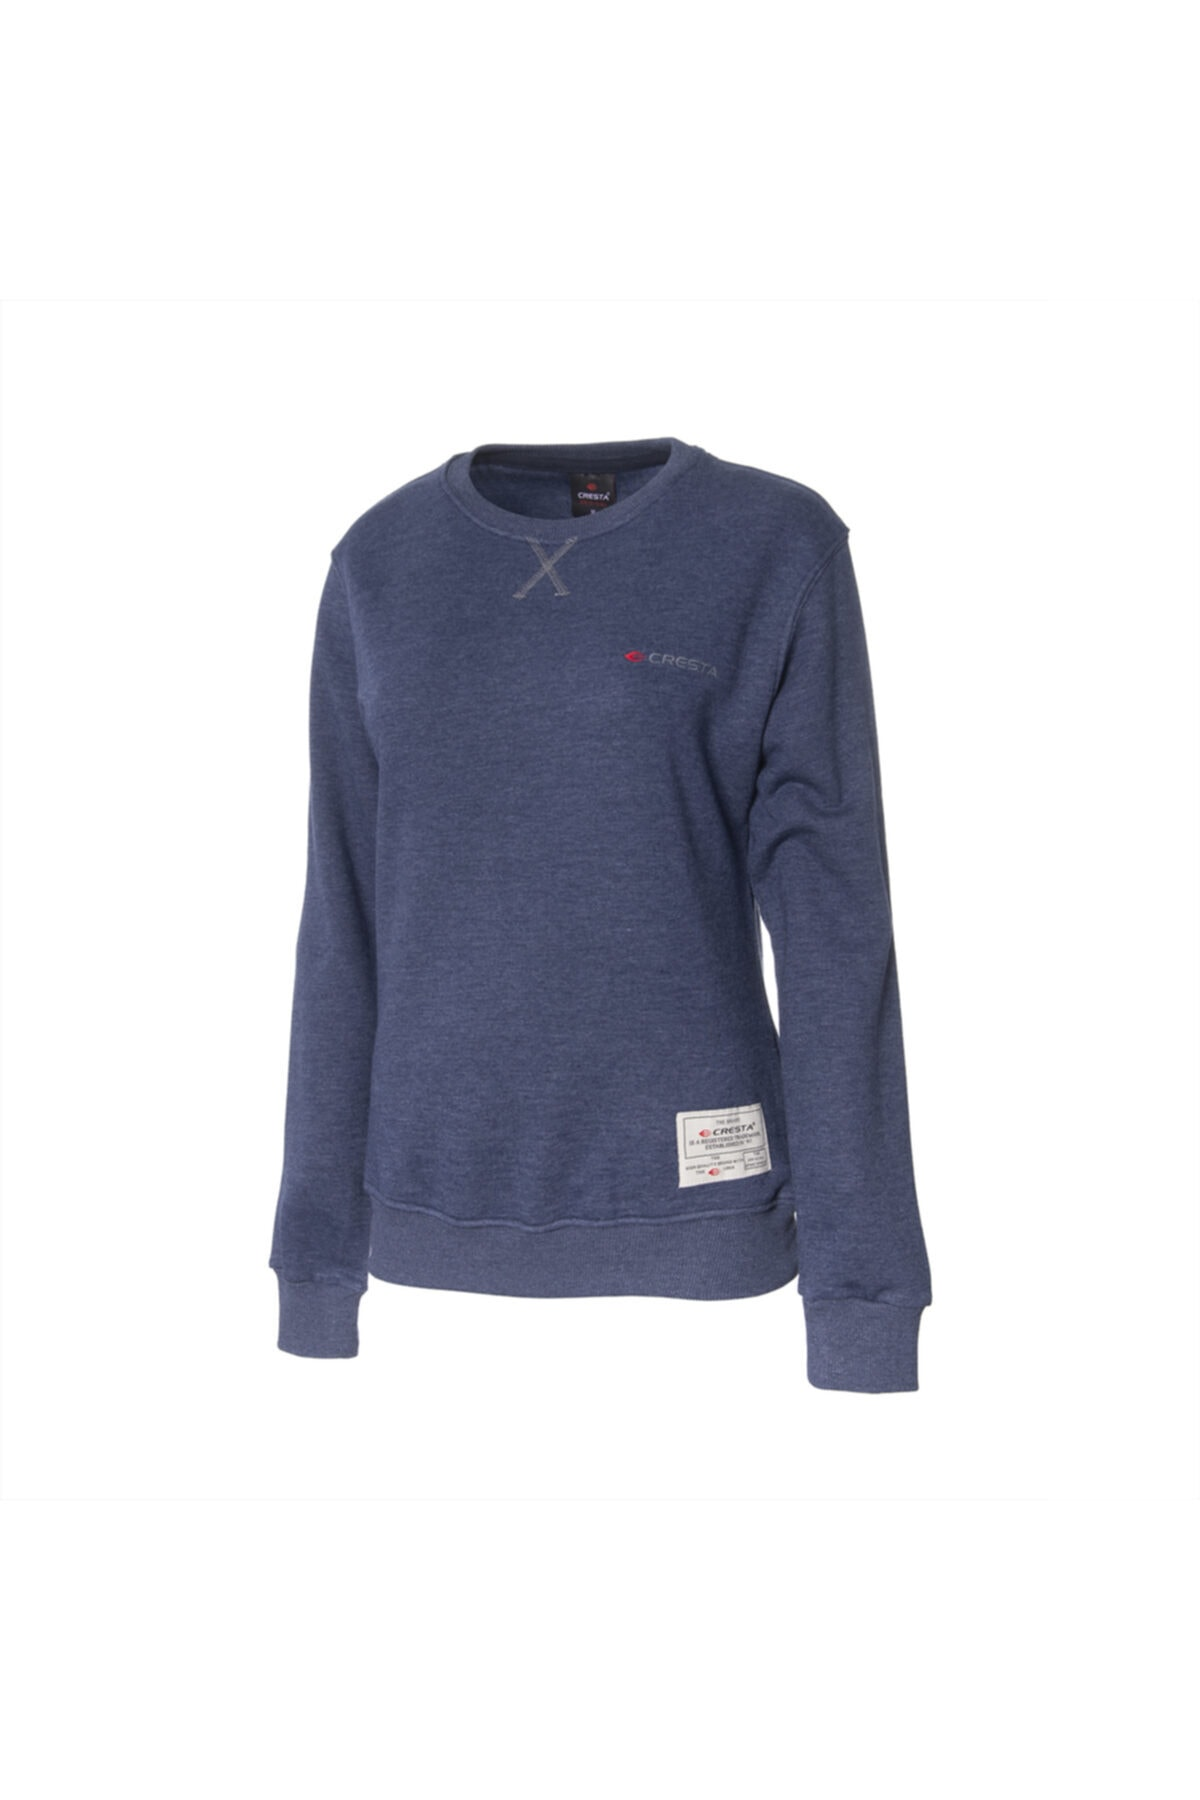 Cresta Kadın Lacivert Outdoor Basic Sweatshirt 1